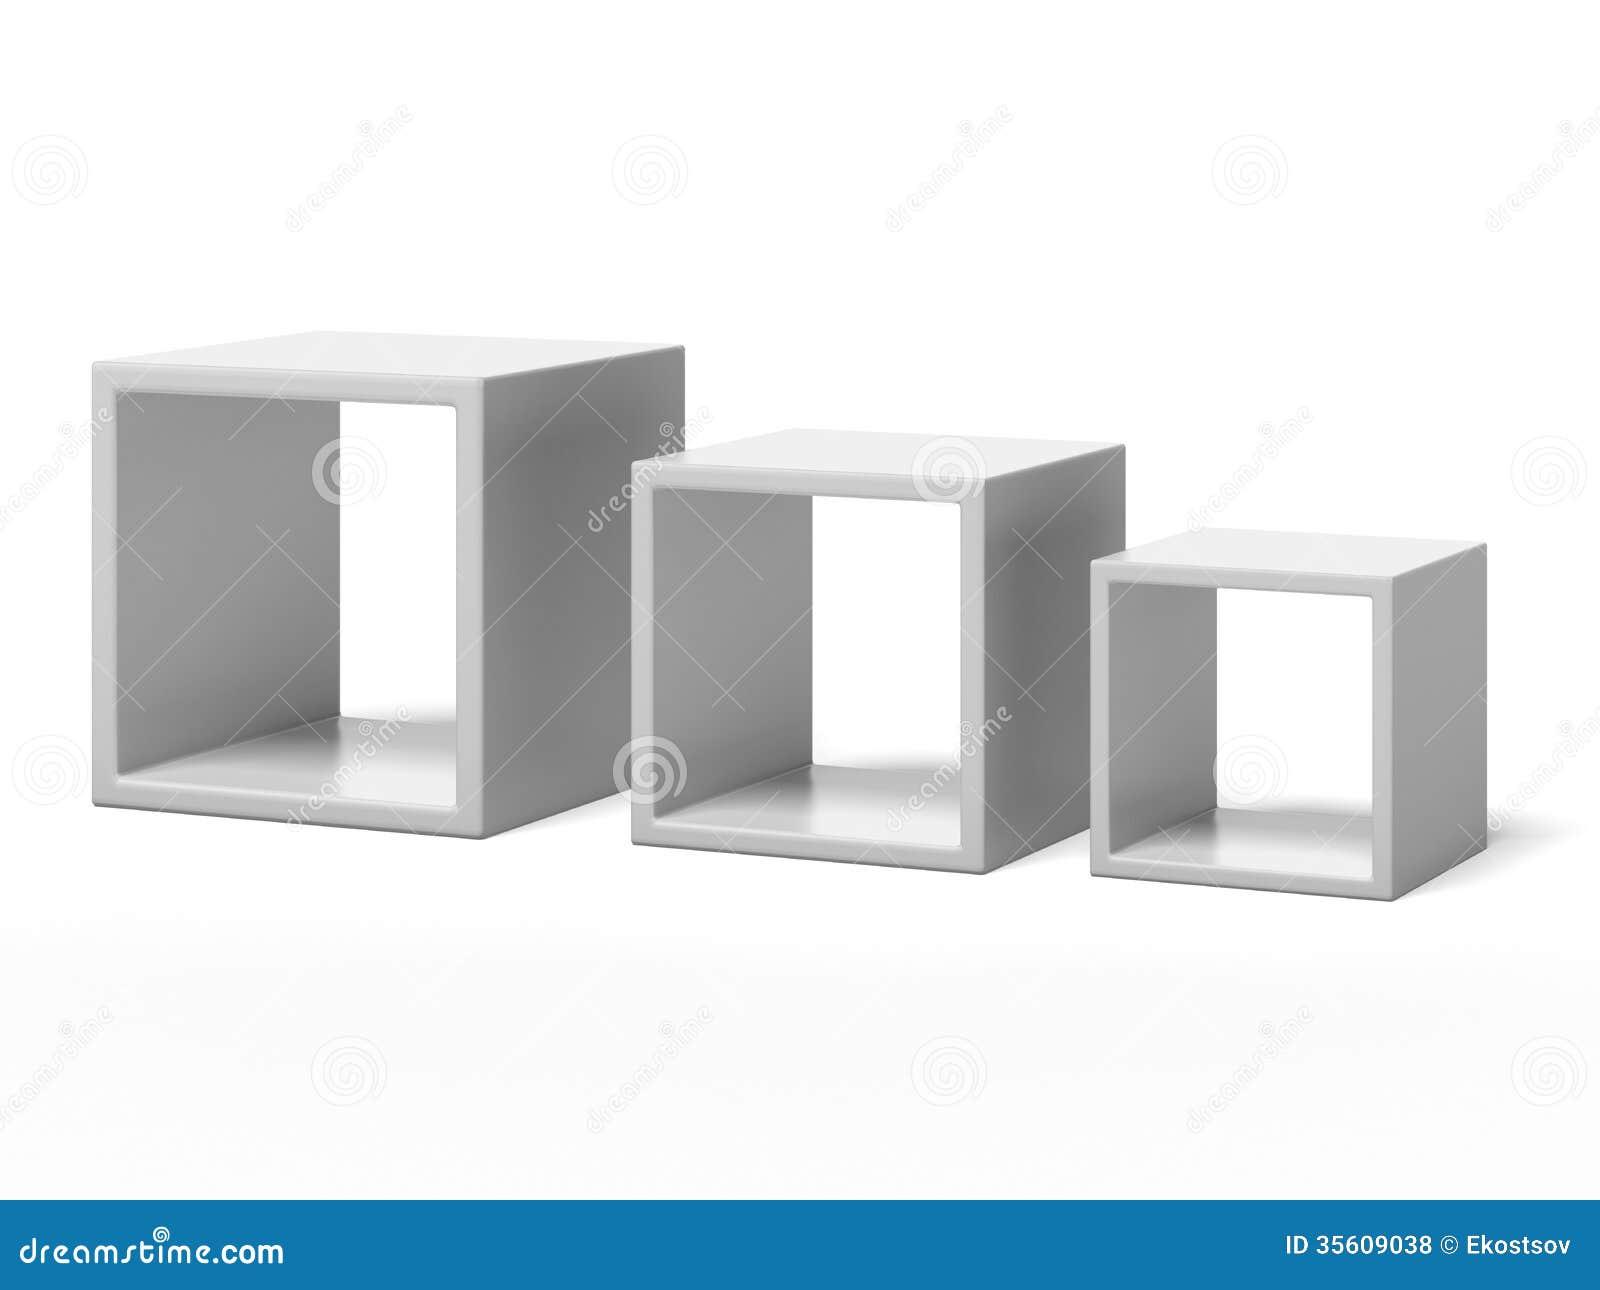 Kanon Tre hyllor för vit ask stock illustrationer. Illustration av inget LS-96